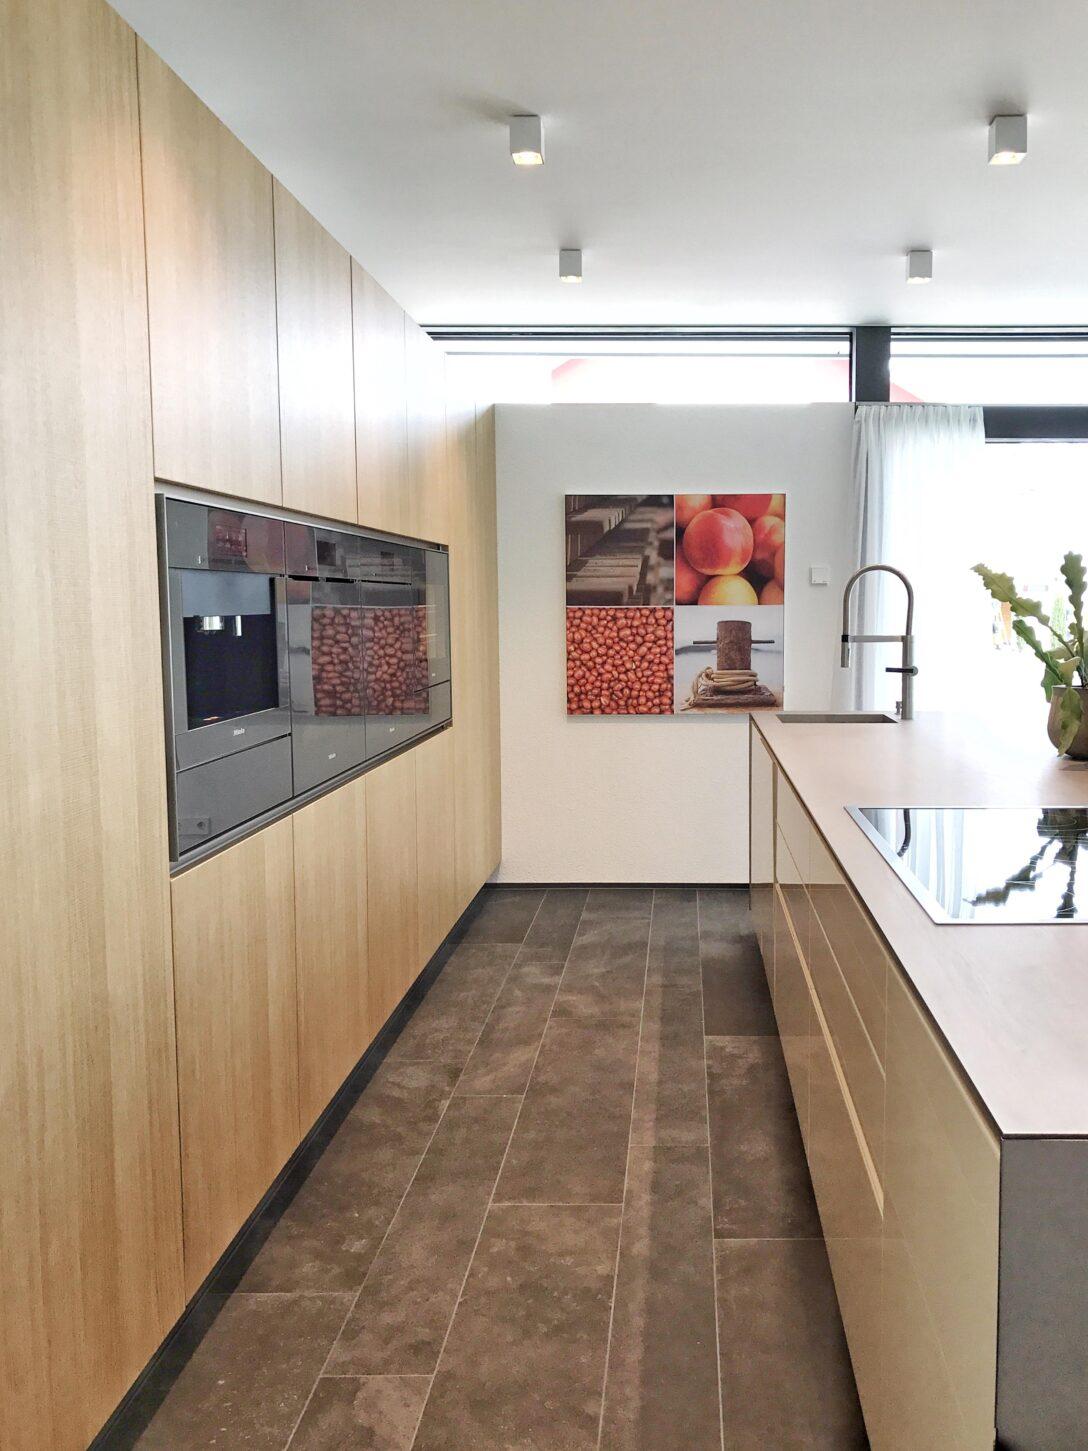 Large Size of Küche Boden Kchenboden Bilder Ideen Couch Essplatz Scheibengardinen Büroküche Mit Tresen Eckbank Vorhänge Ikea Kosten Led Beleuchtung Moderne Wohnzimmer Küche Boden